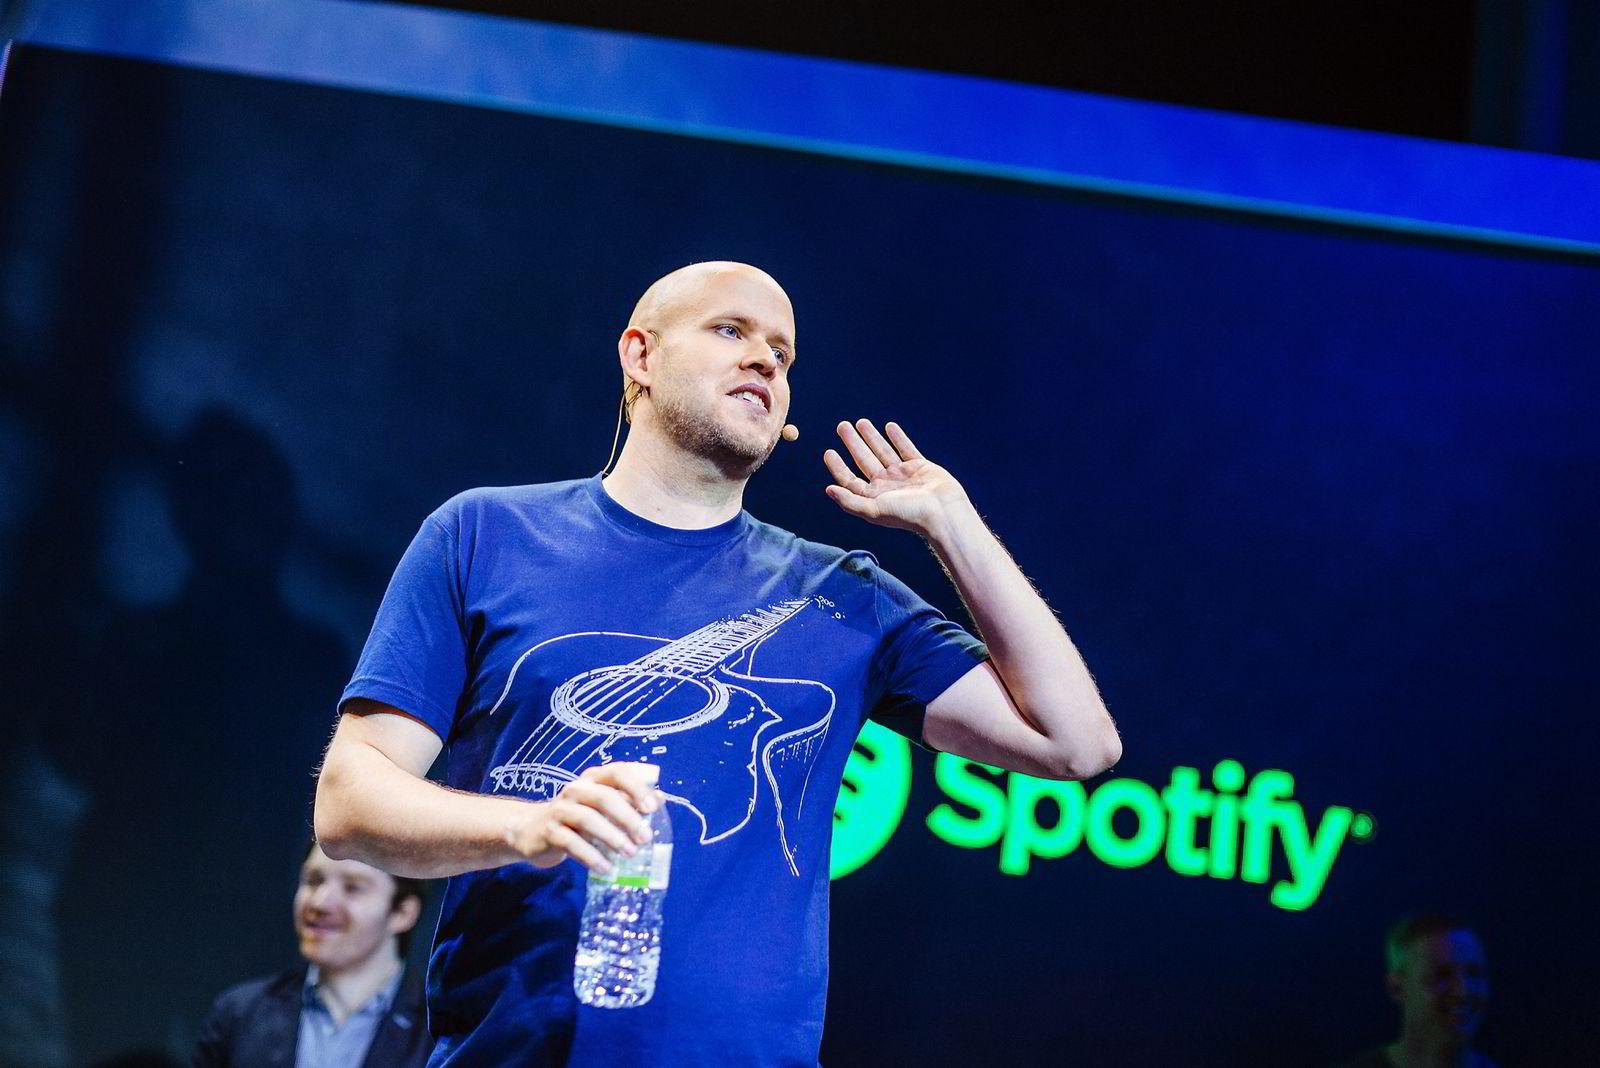 Daniel Ek er på vei mot børs med Spotify, men møter stadig nye utfordringer fra sine konkurrenter og plateselskapene.